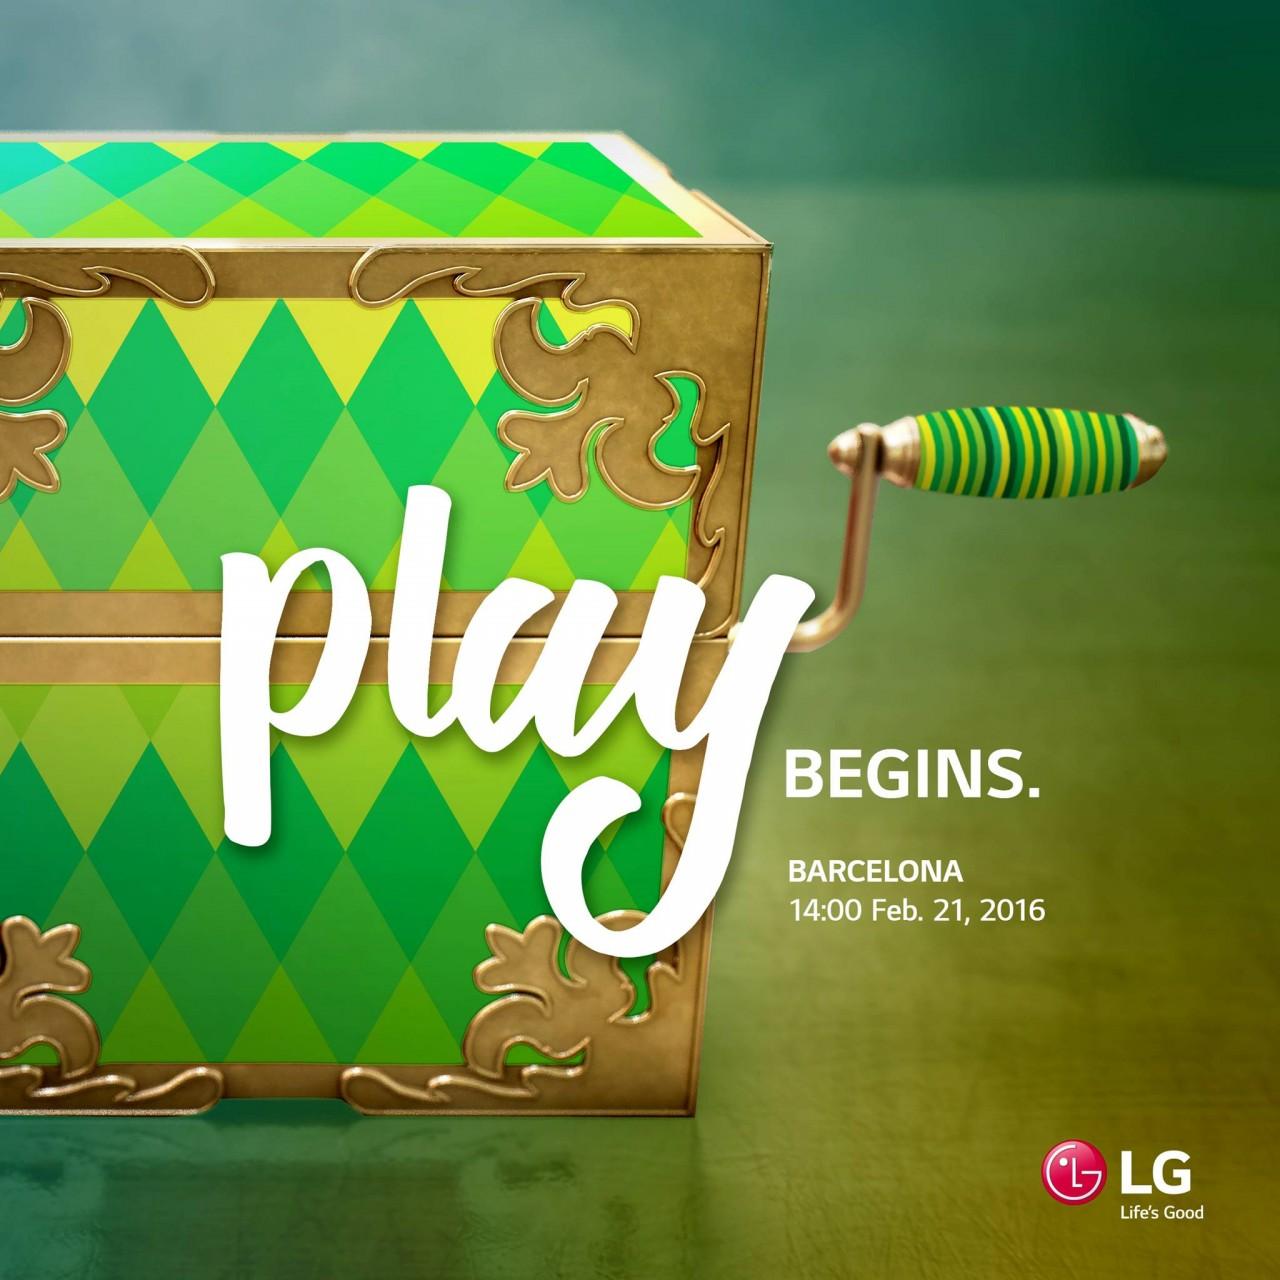 LG-MWC-invite